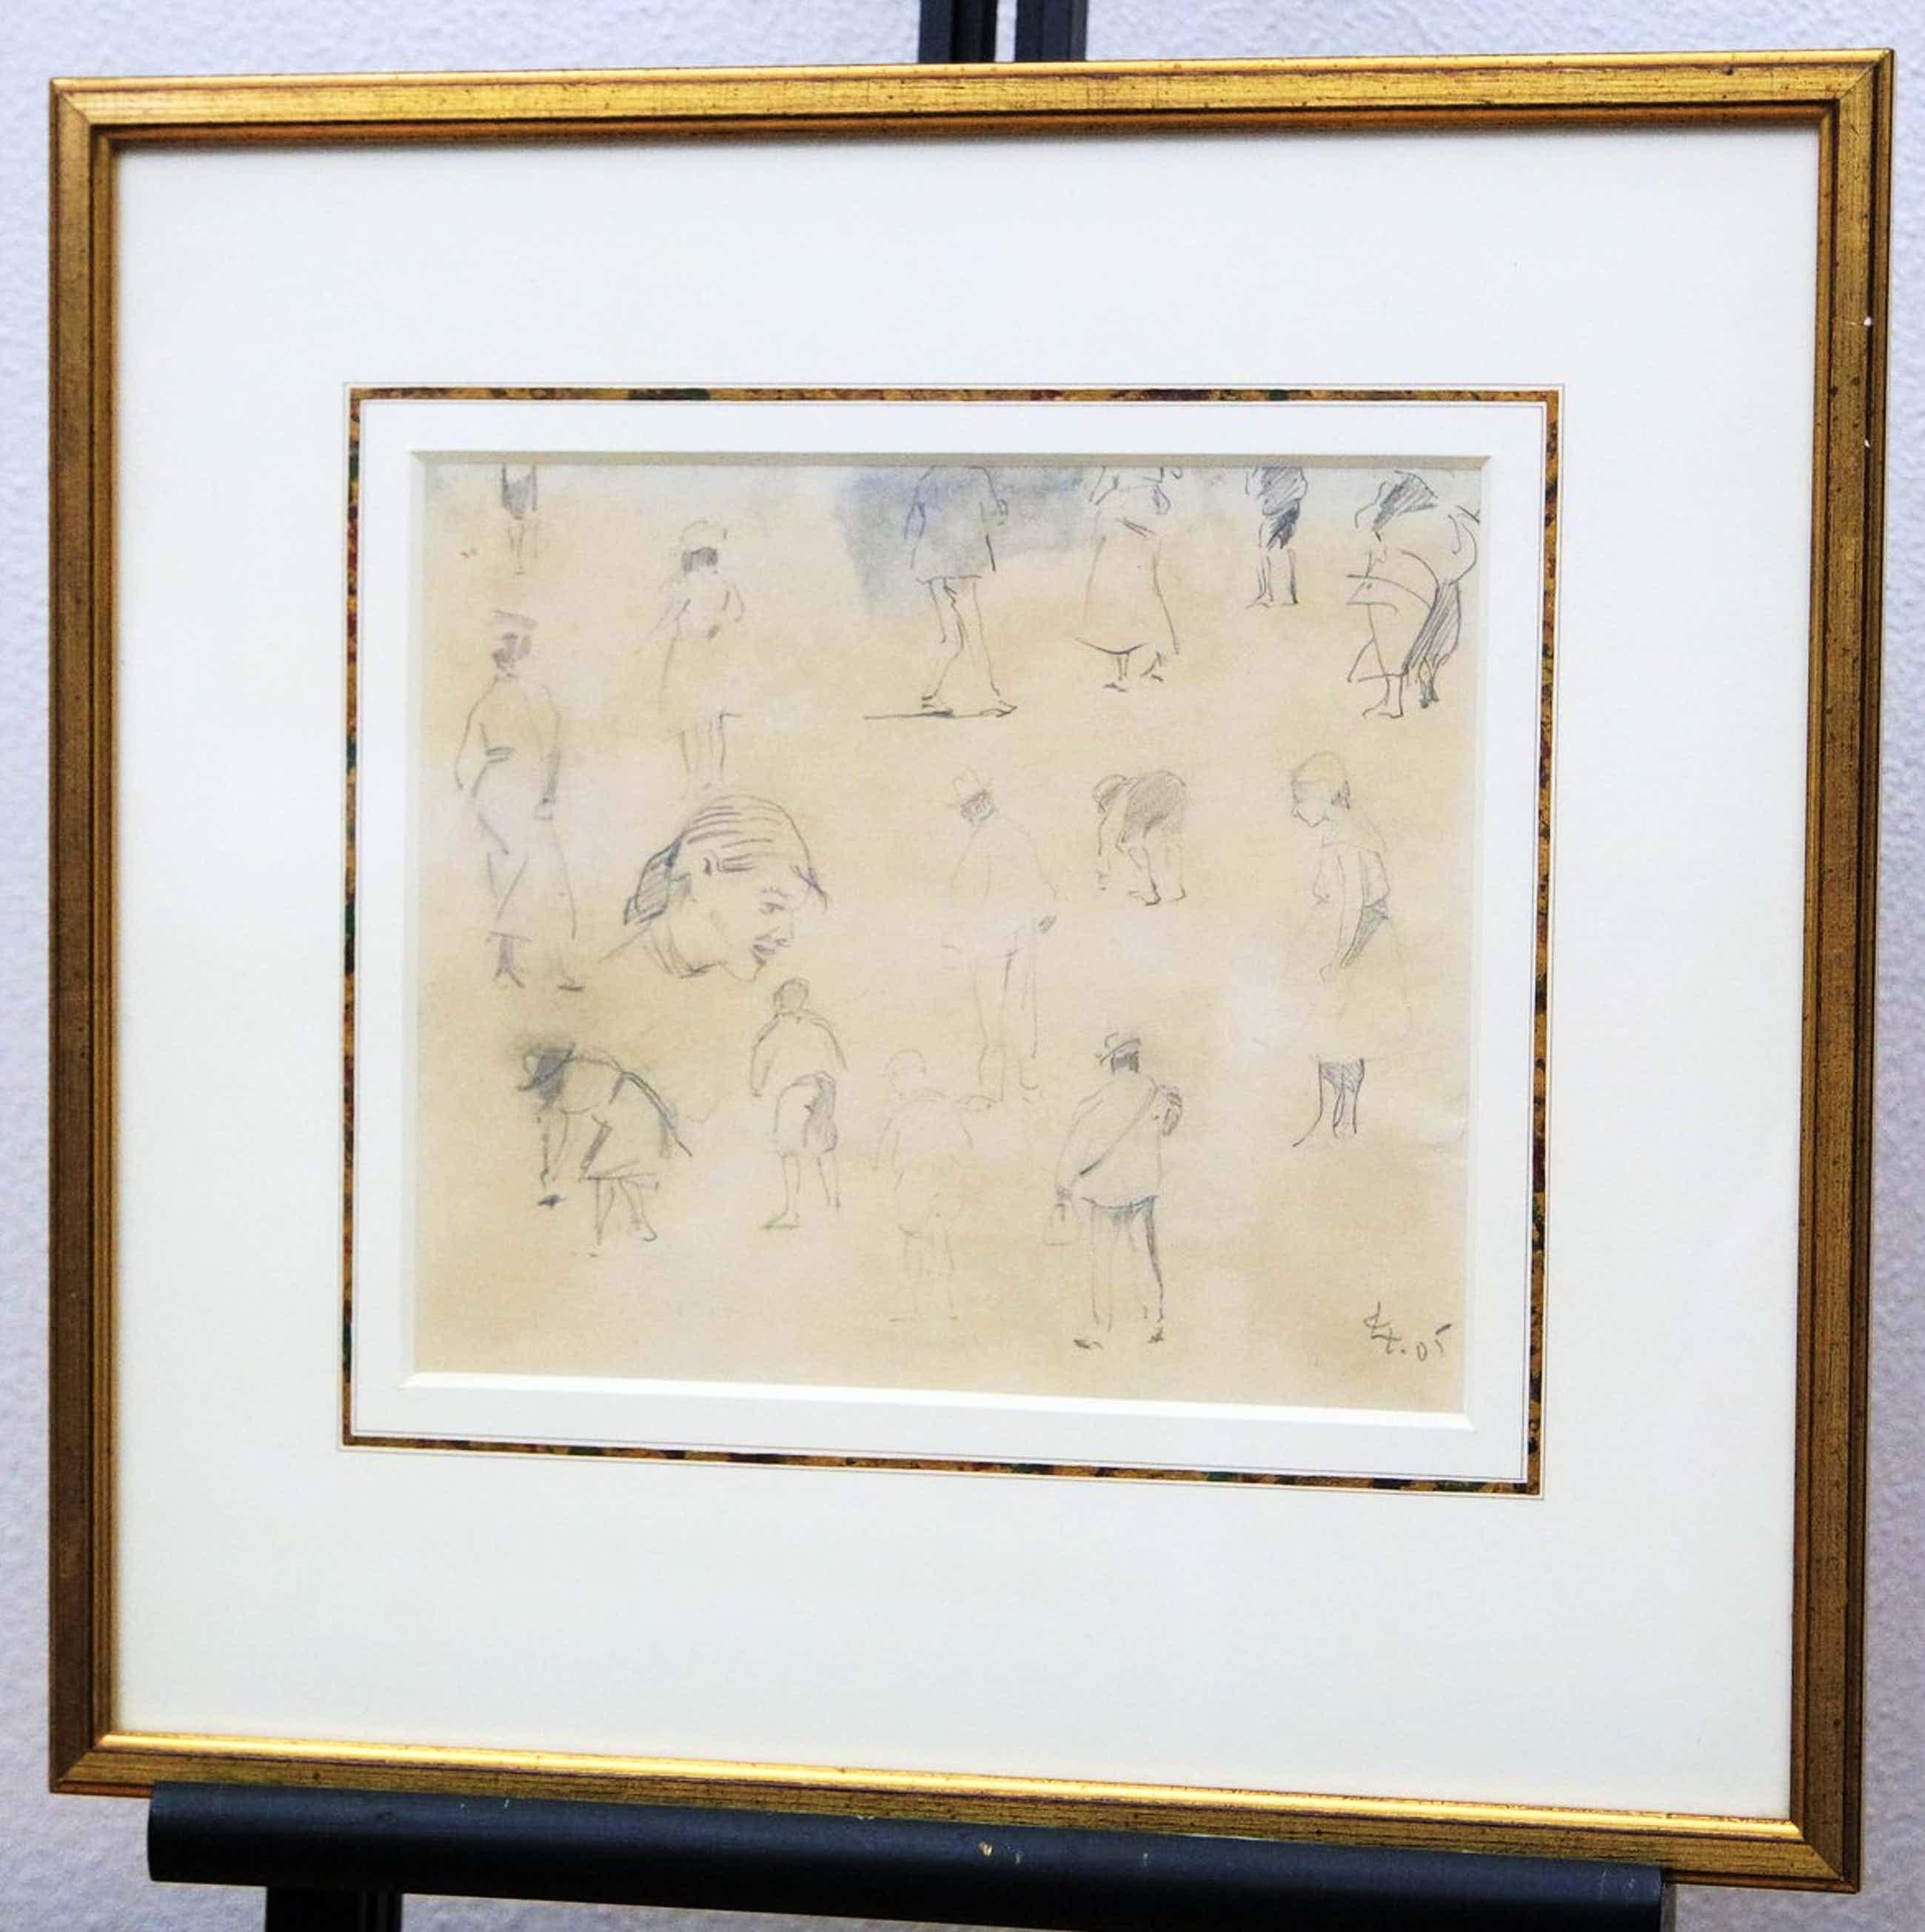 """Leo Gestel - Potlood op papier - """"studietekening met figuren"""" - Bergense School kopen? Bied vanaf 325!"""